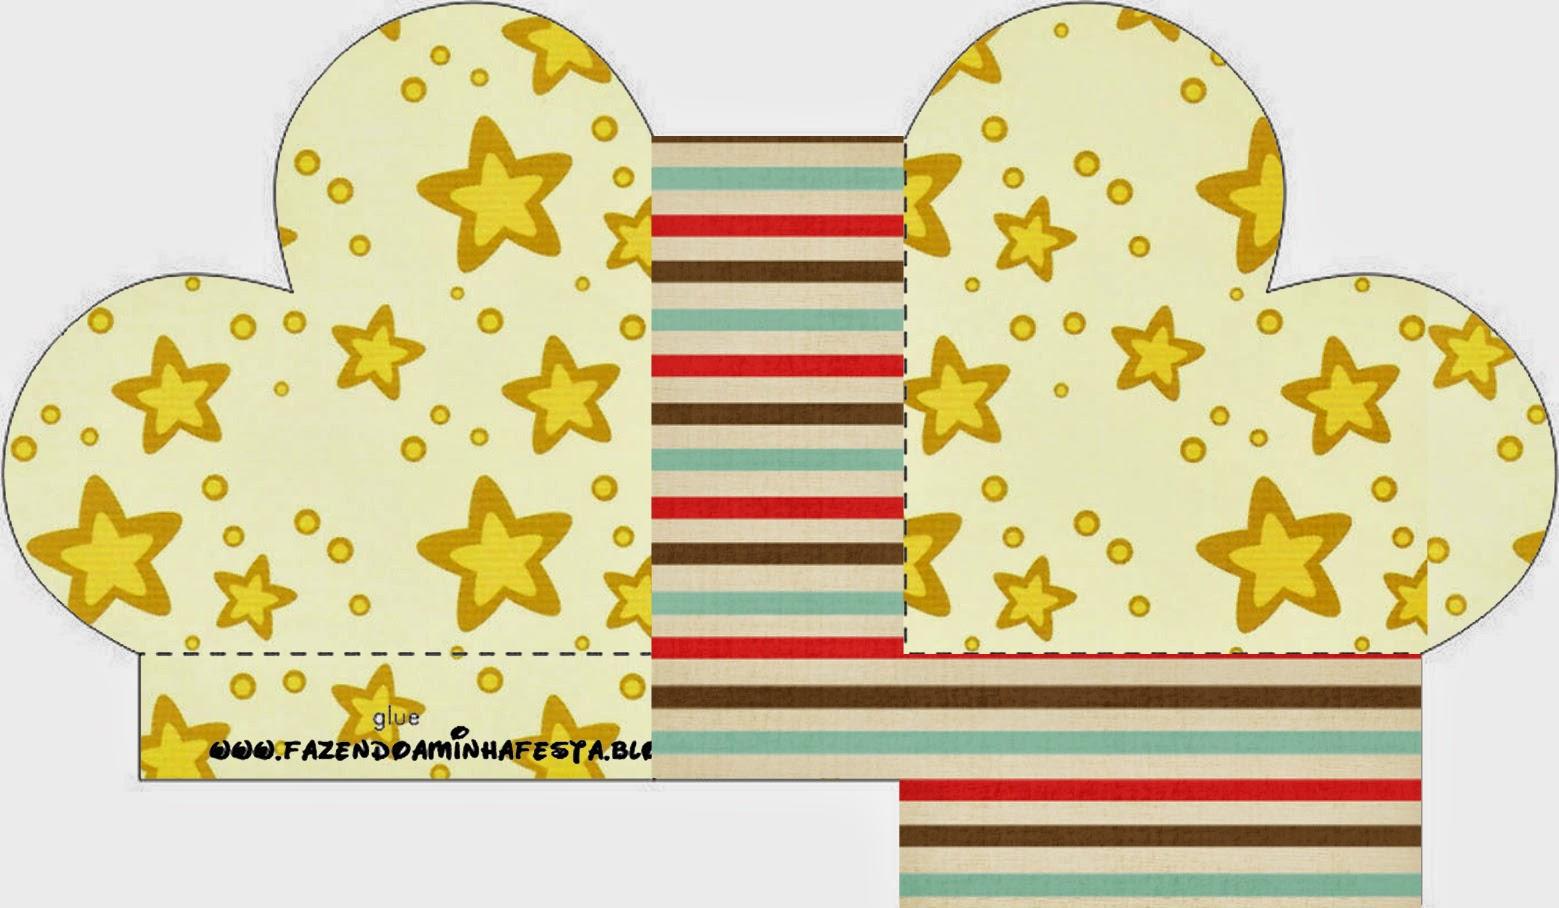 Caja abierta en forma de corazón de Estrellas Doradas y Rayas de Colores.